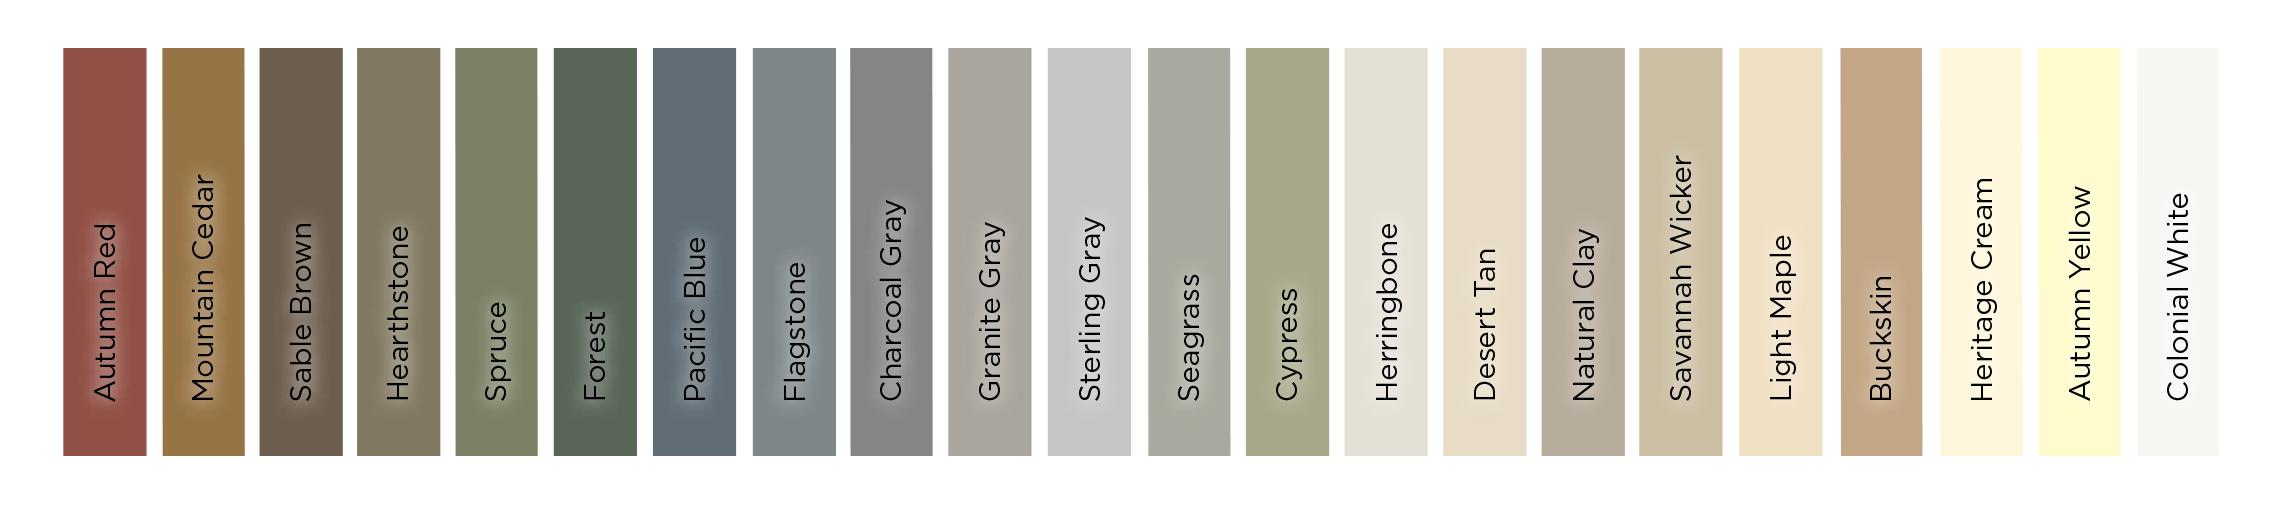 CI colors 2020